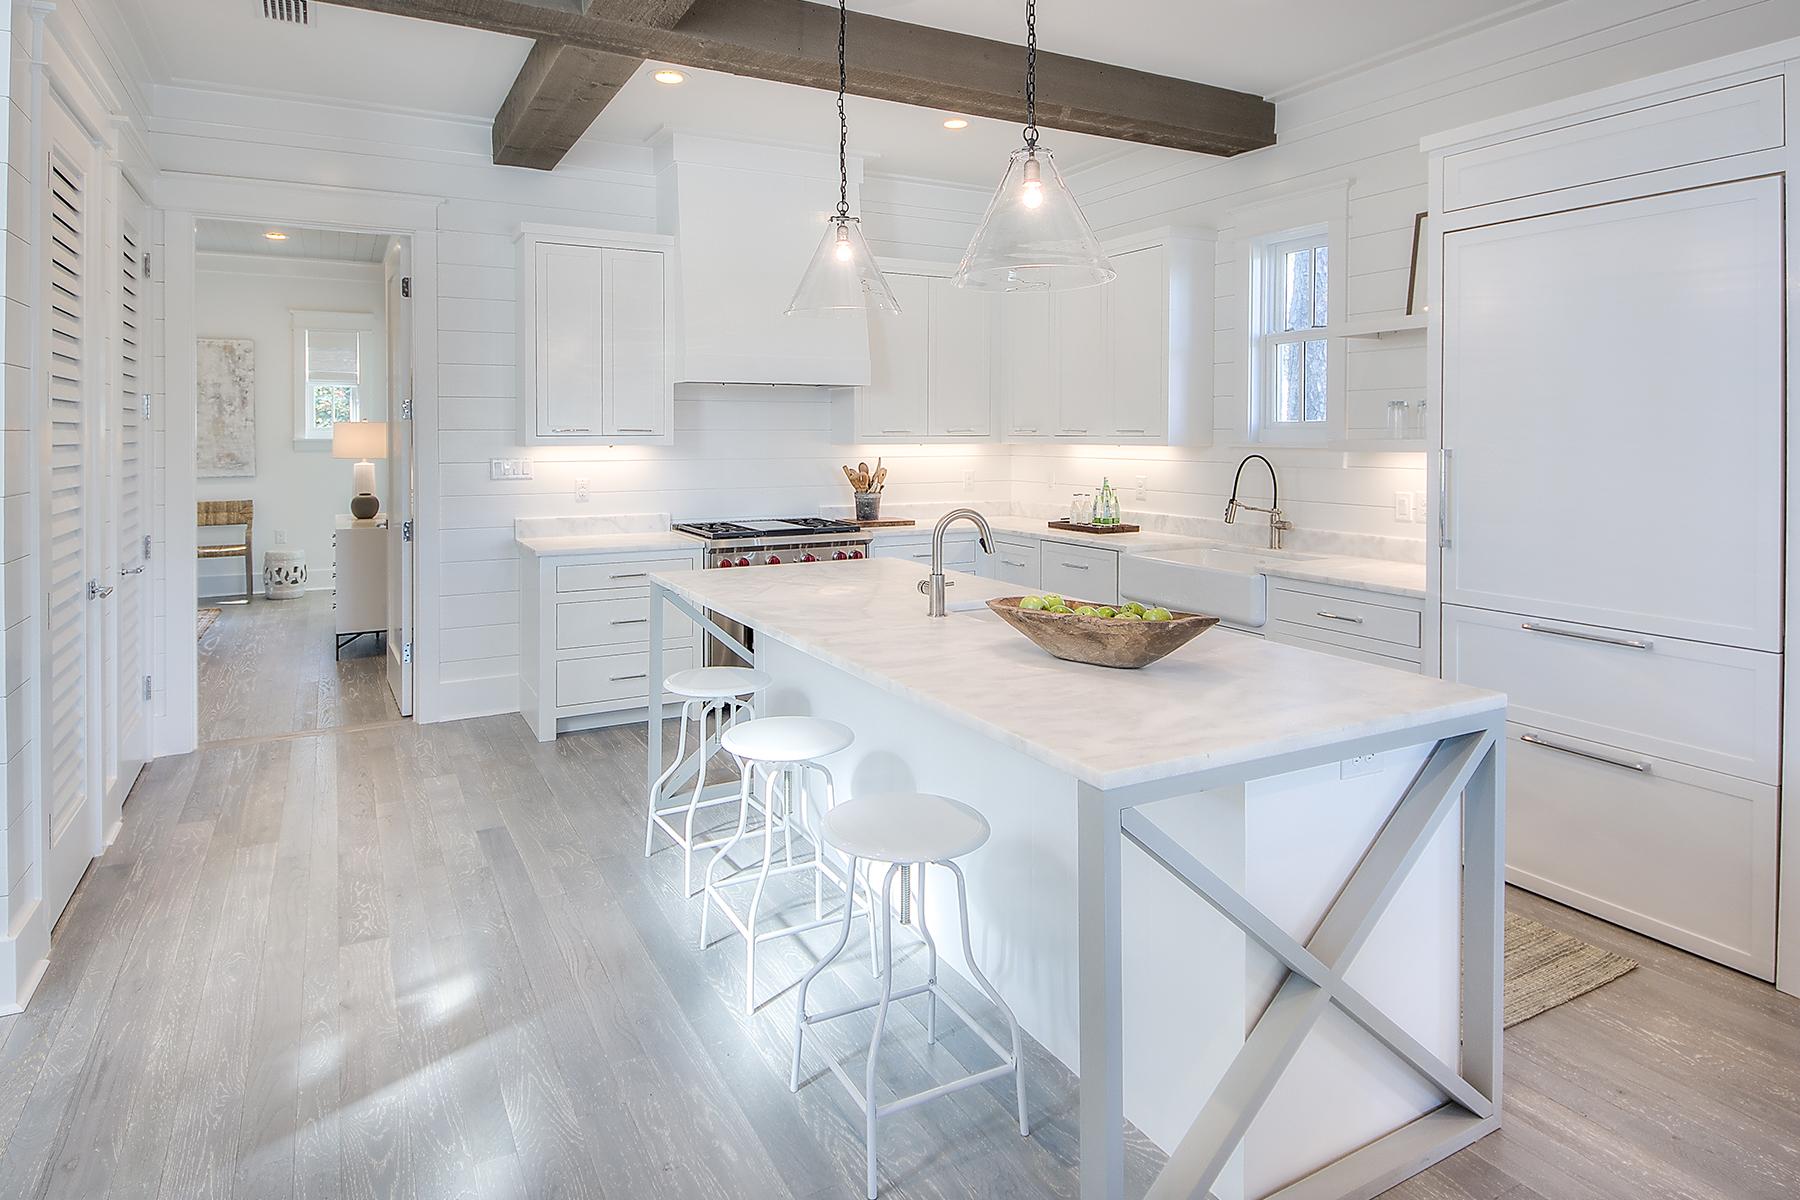 Частный односемейный дом для того Продажа на Furnished Custom Home To-be-built in Waterfront Setting Parcel 2 Garfield Street, Santa Rosa Beach, Флорида, 32459 Соединенные Штаты